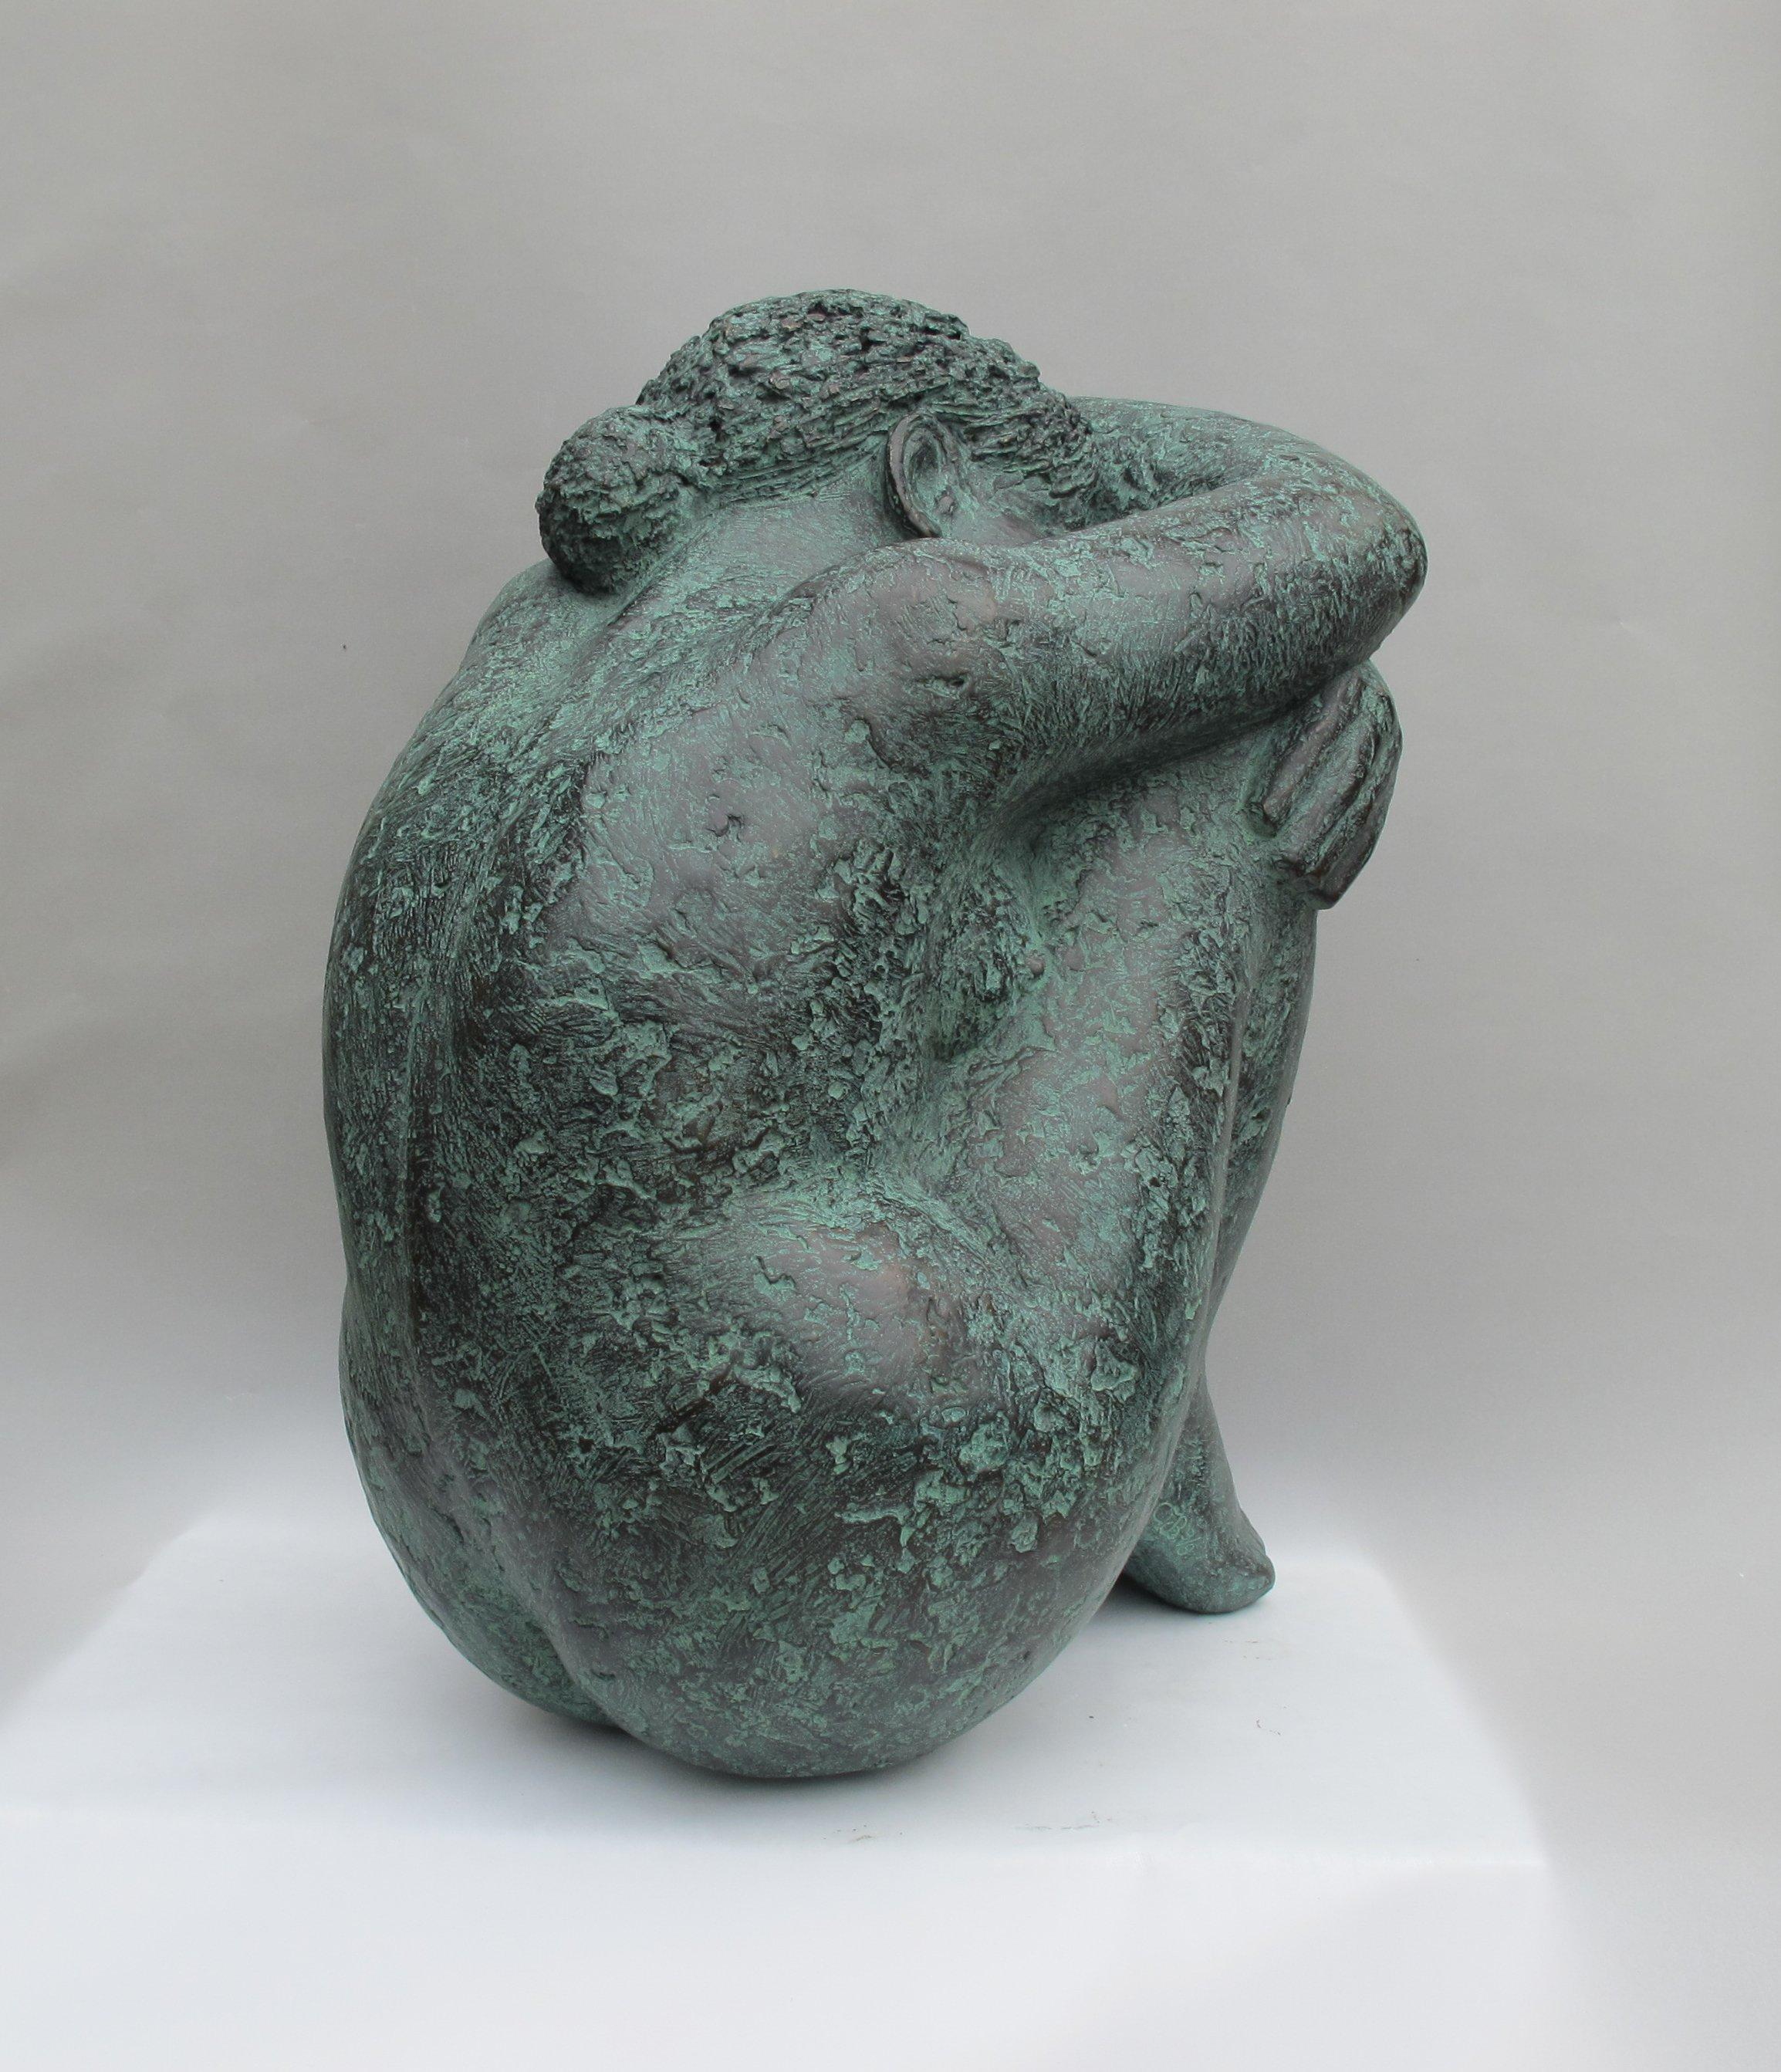 Wegdromen, brons, 46 cm hoog